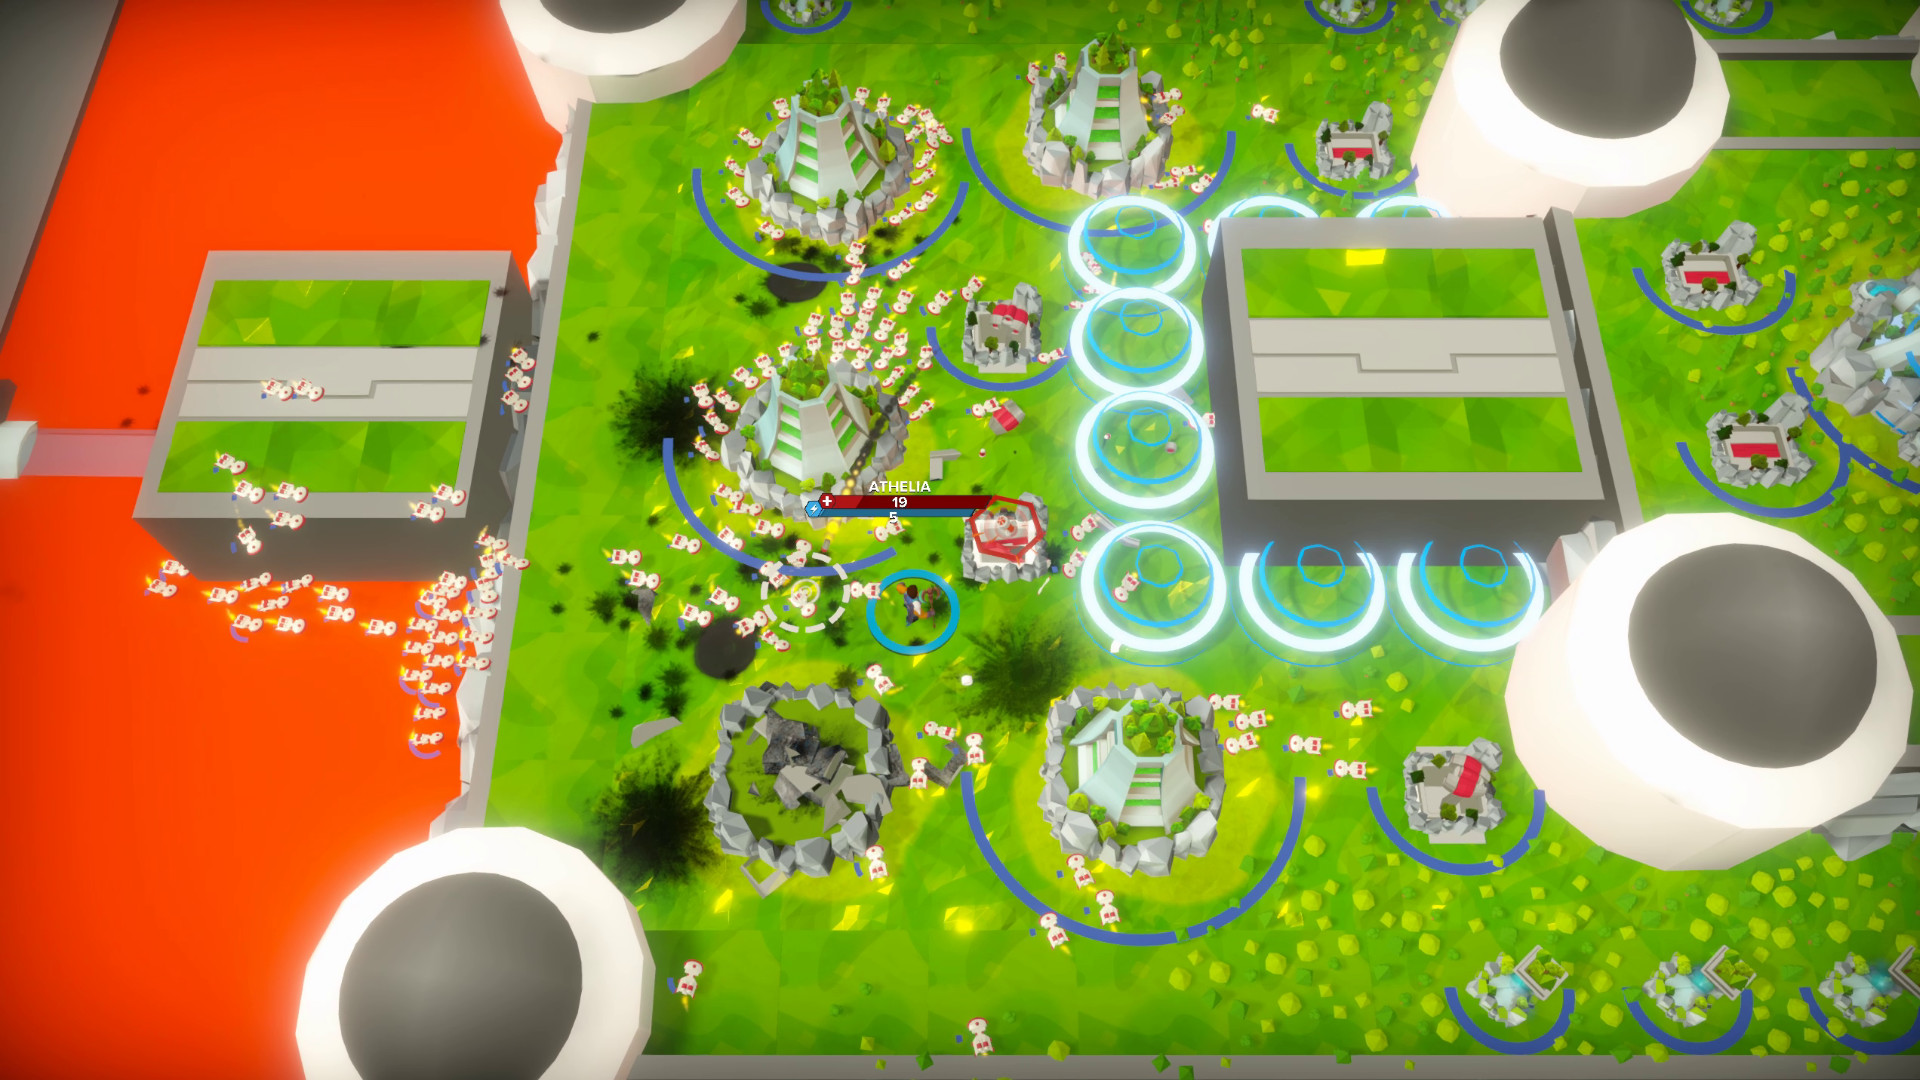 com.steam.730710-screenshot